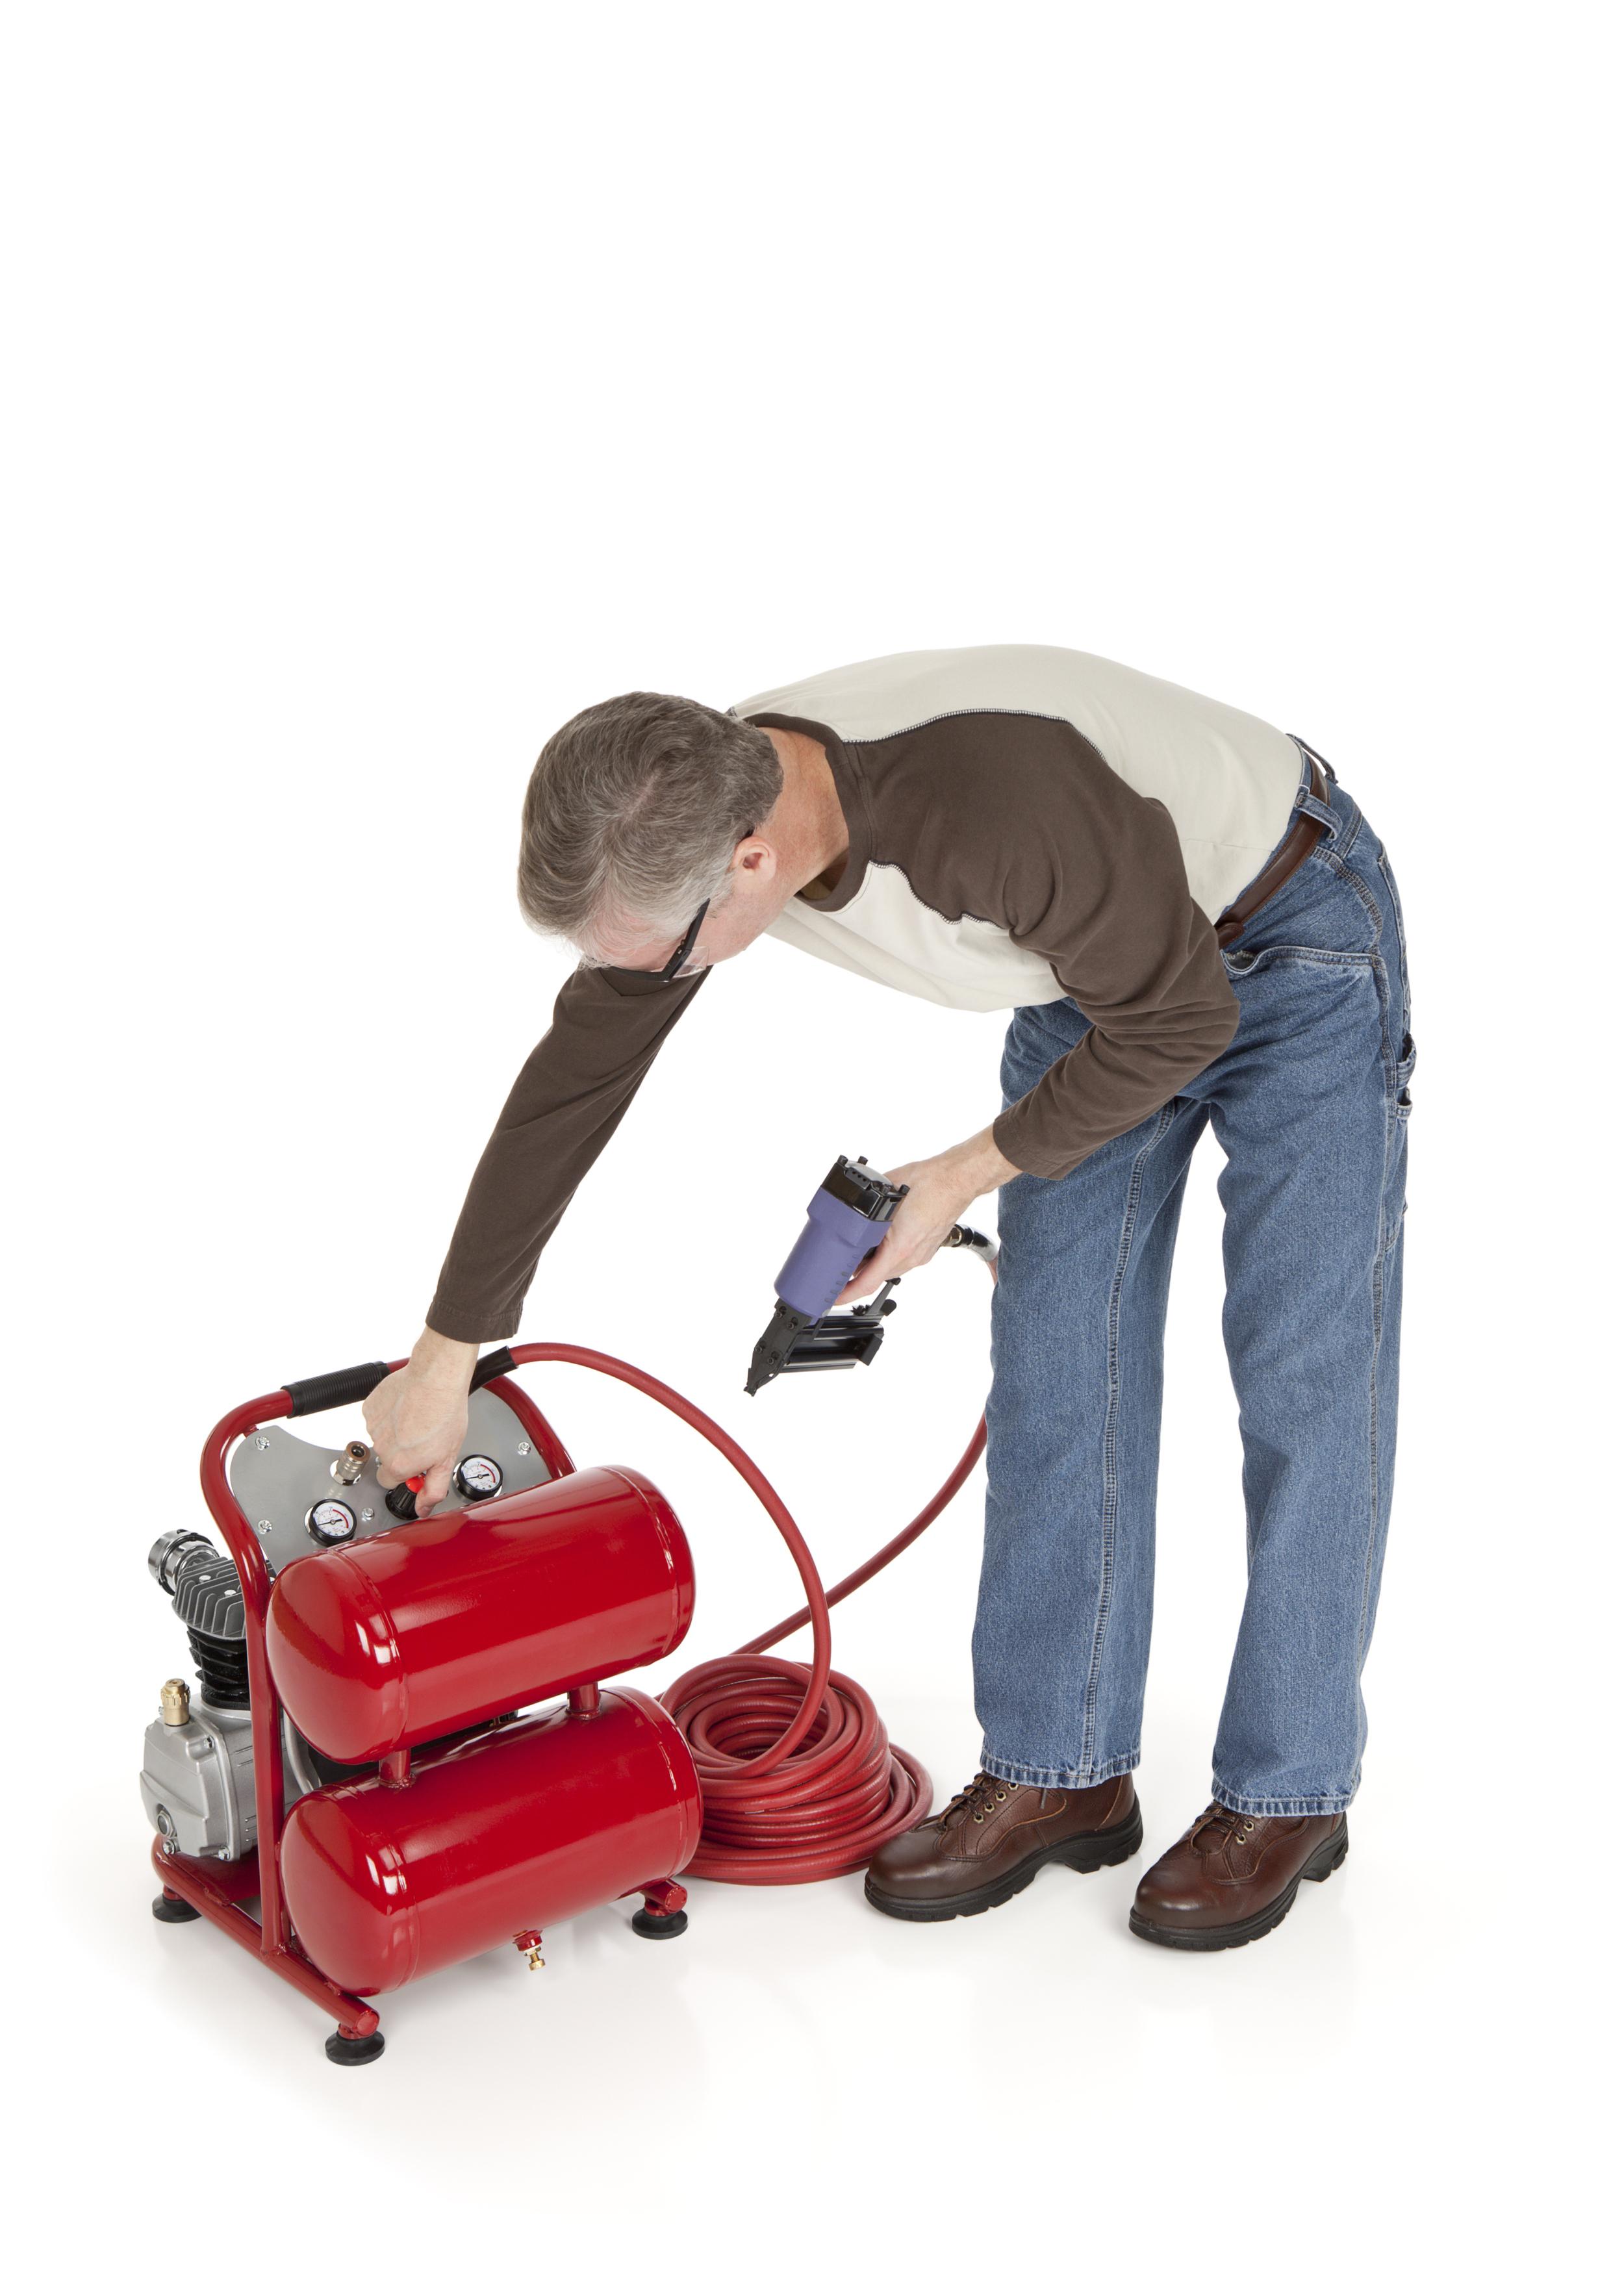 Copy of Copy of Air compressor, air tool